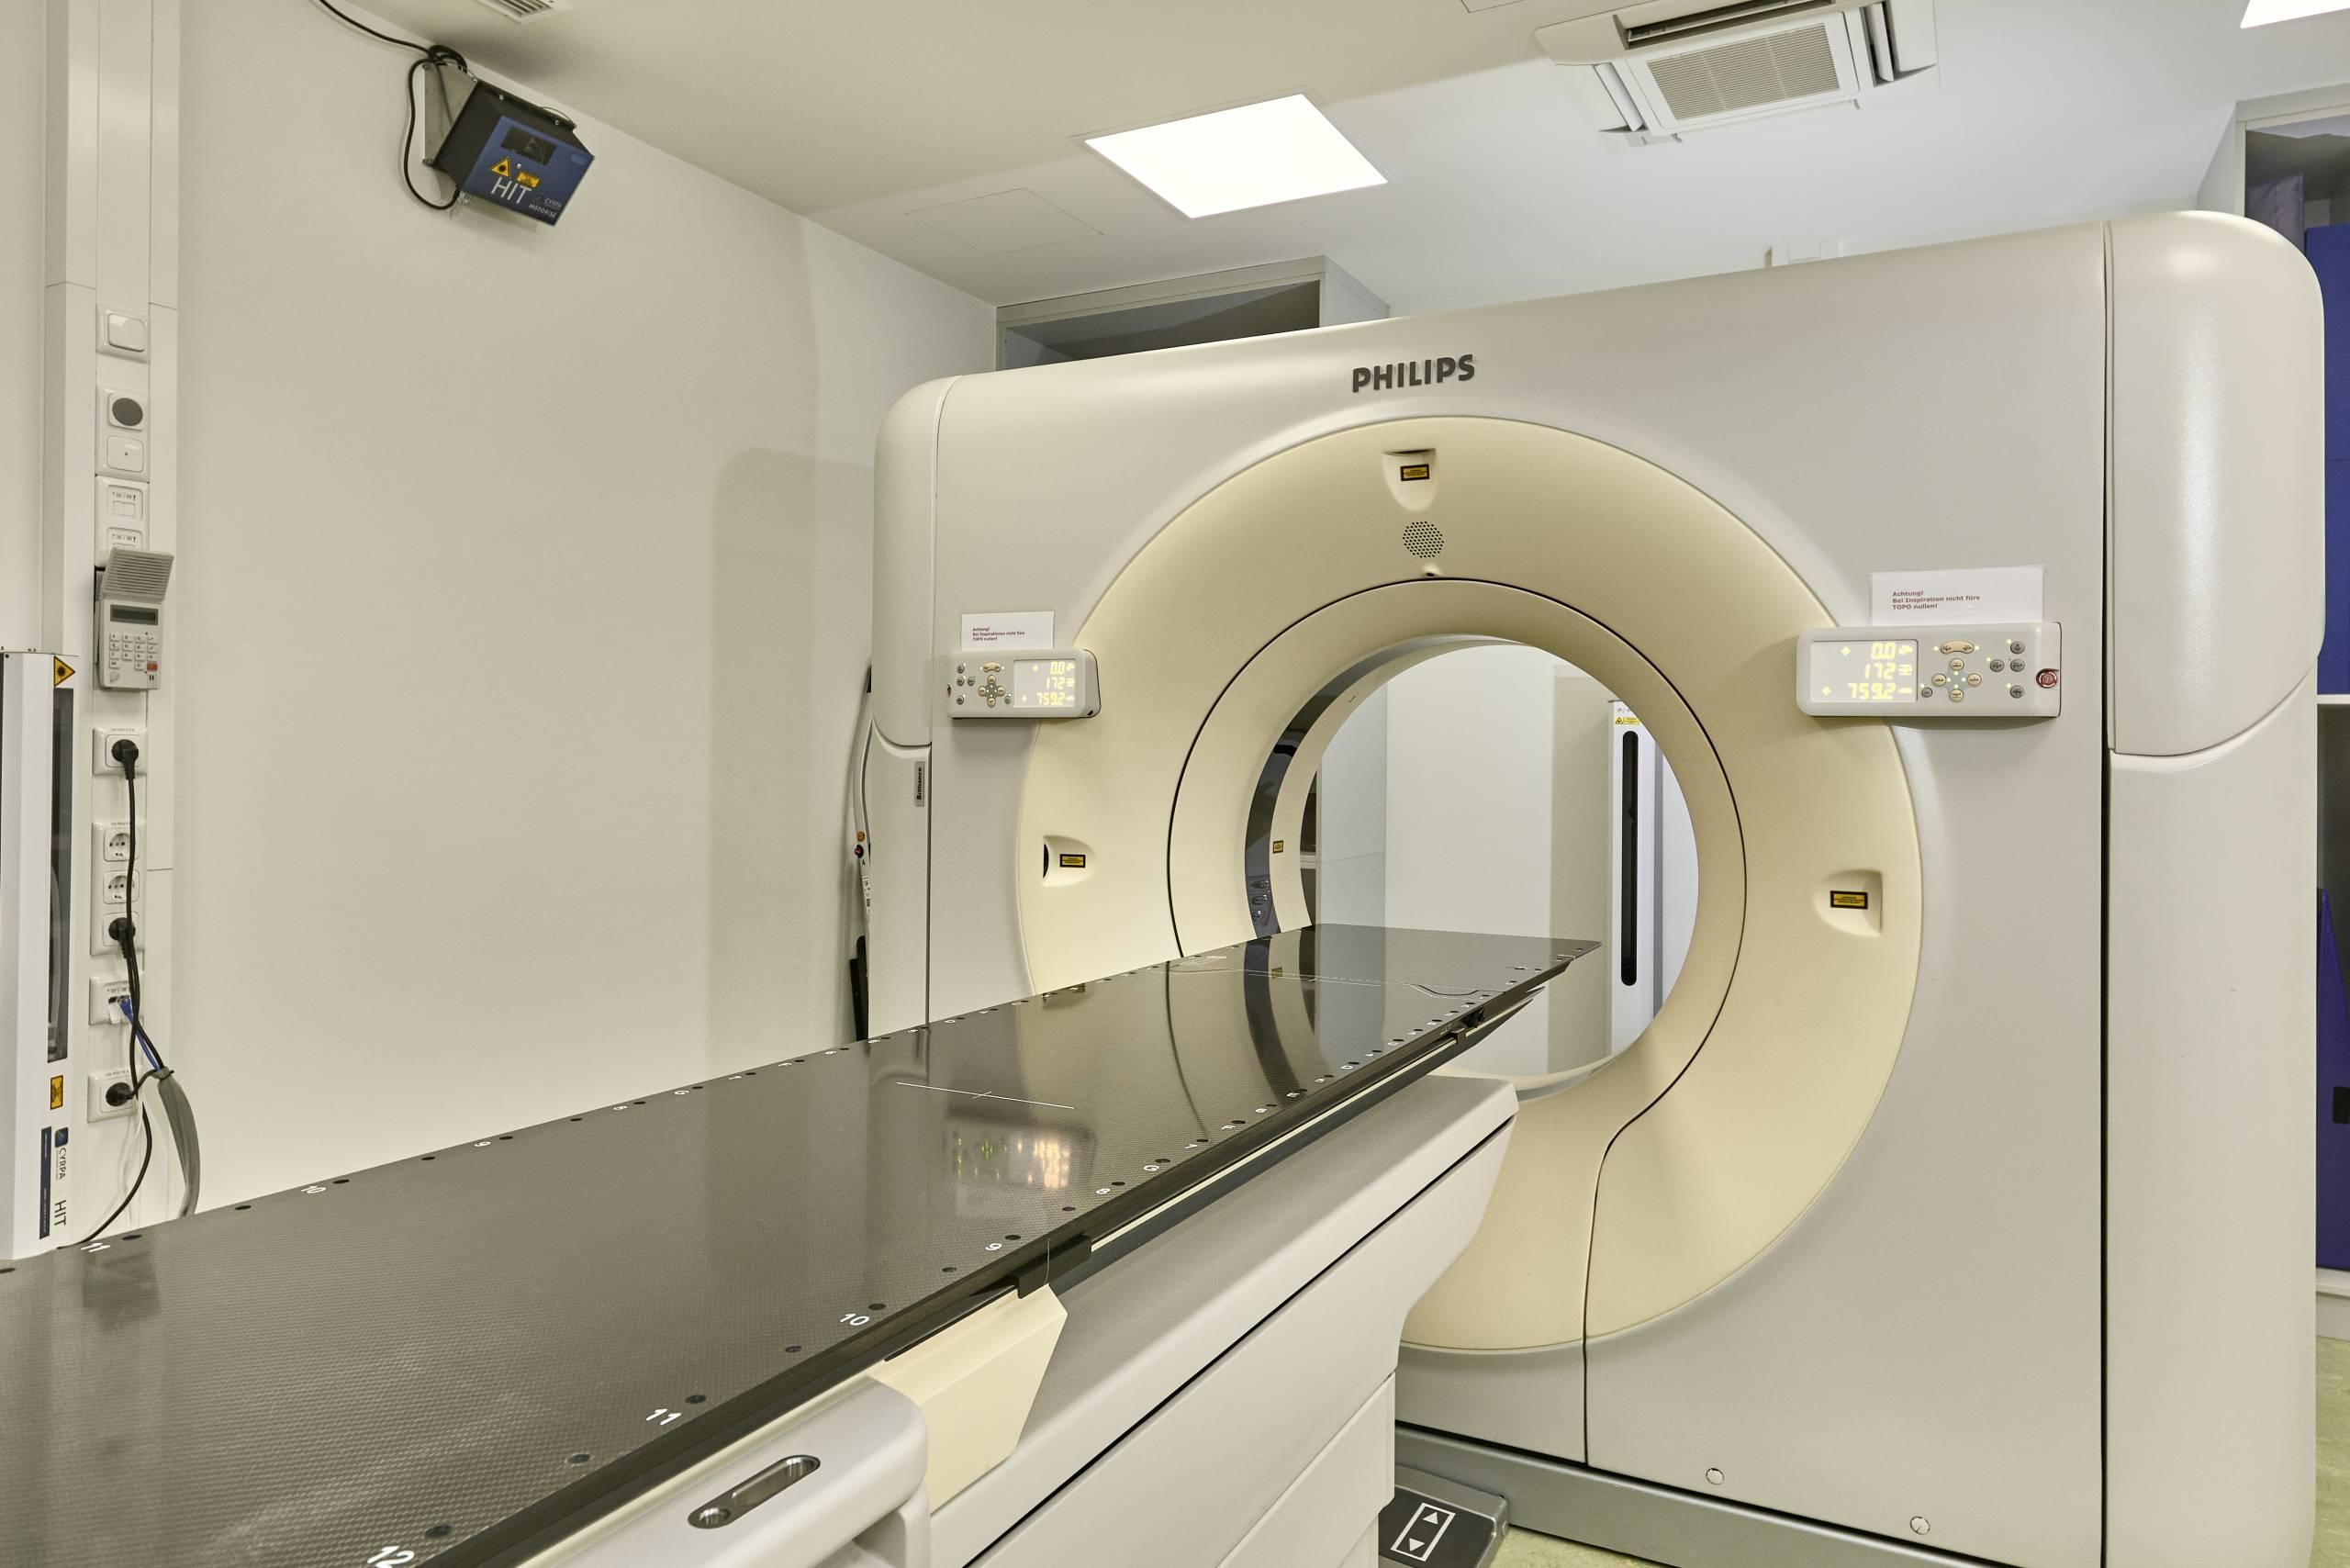 Brilliance Computertomographie (CT) Big Boar